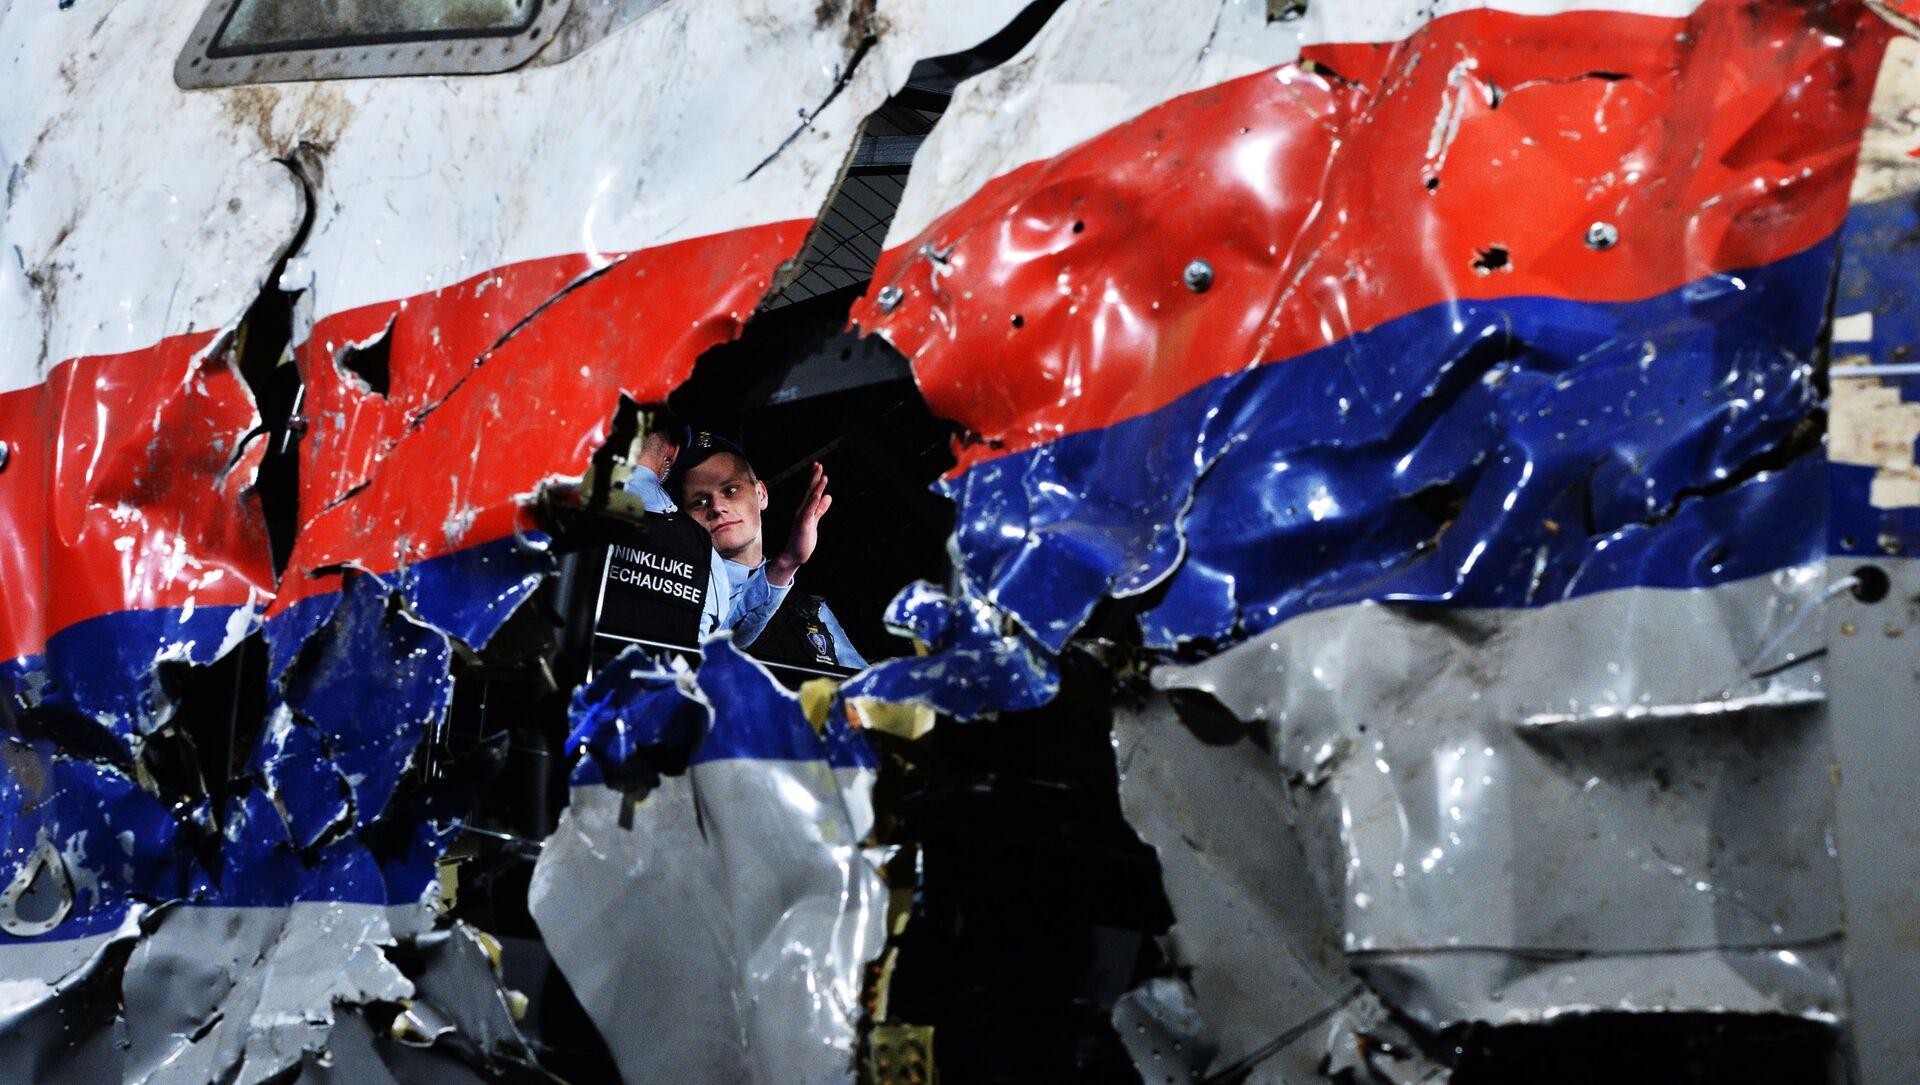 Část rekonstruovaného sestřeleného letadla Boeing 777 Malaysia Airlines, let MH17, na vojenské základně Gilze Rijen v Nizozemí  - Sputnik Česká republika, 1920, 15.04.2021